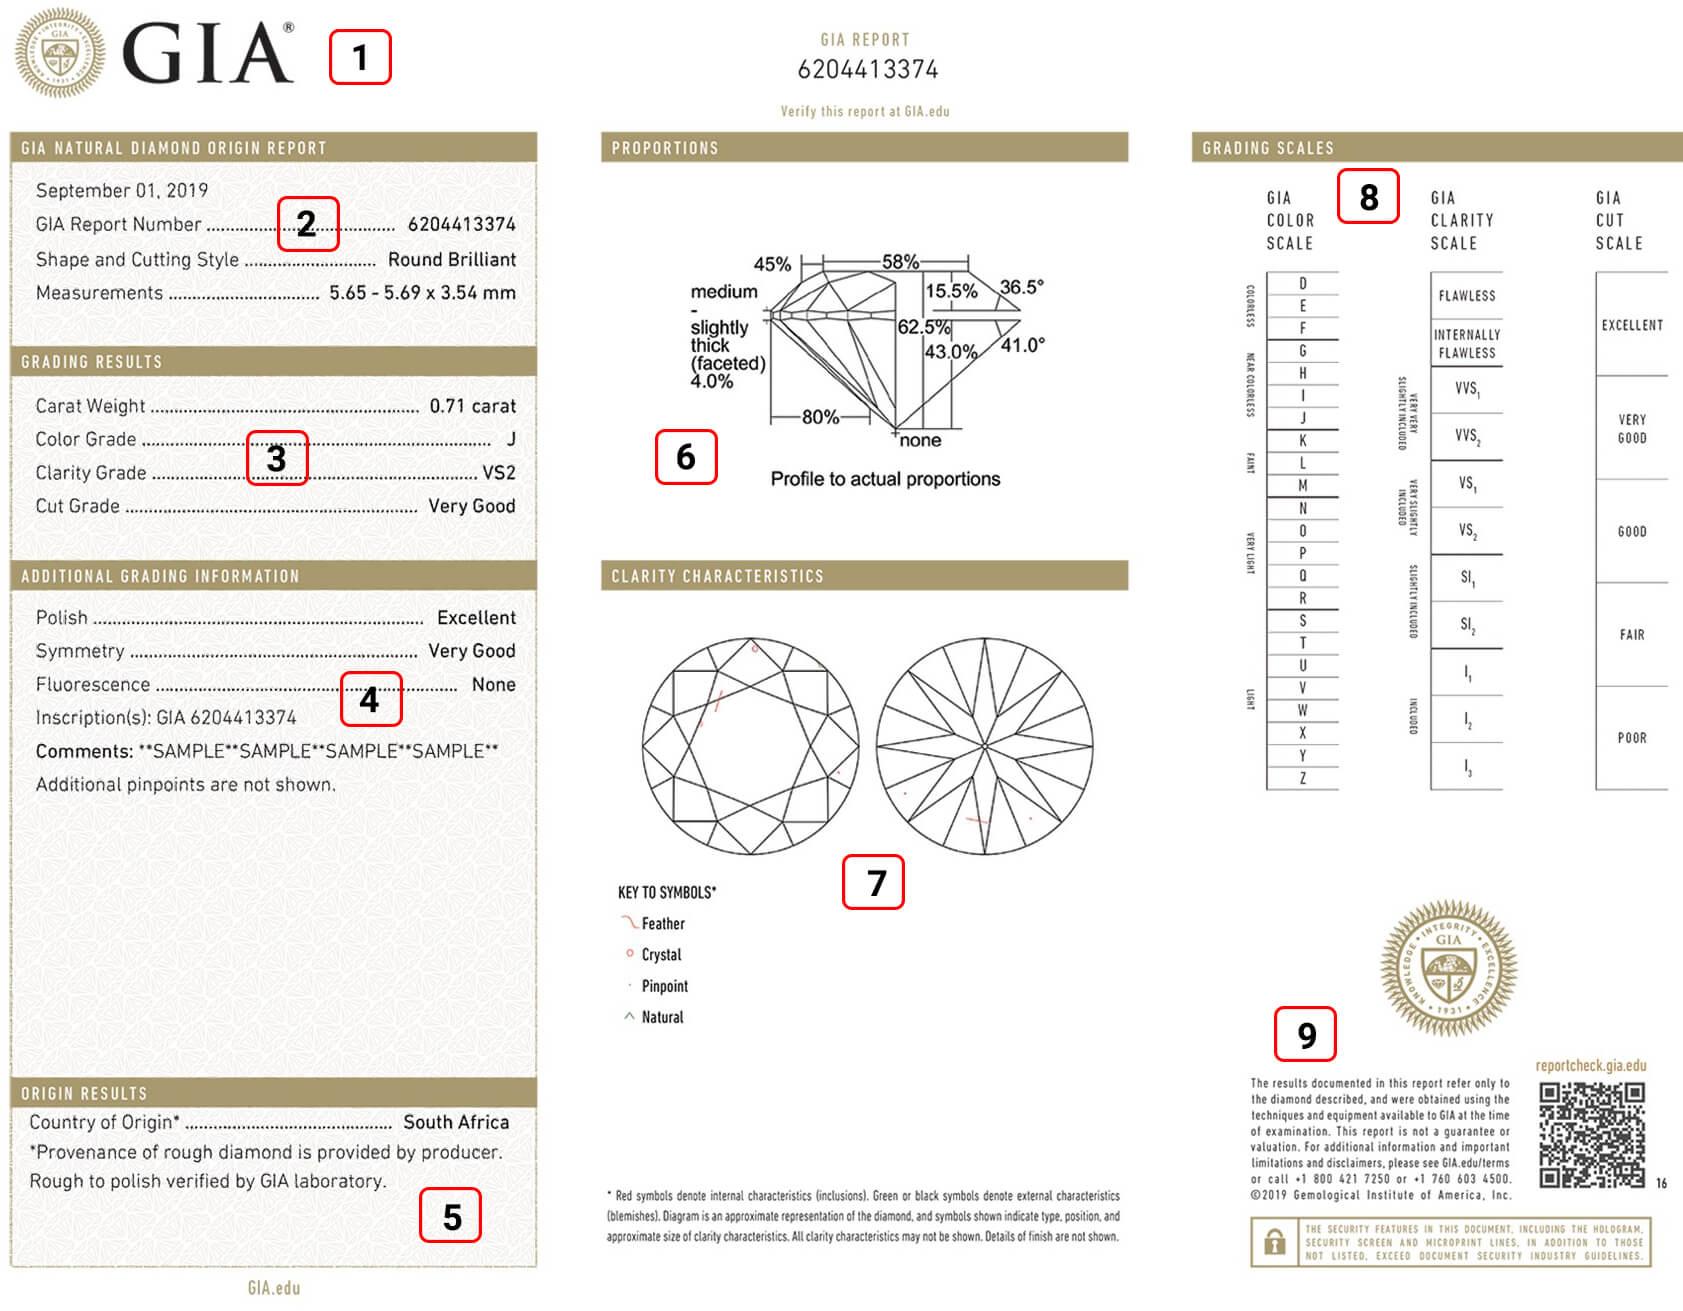 آموزش اصطلاحات شناسنامه الماس GIA